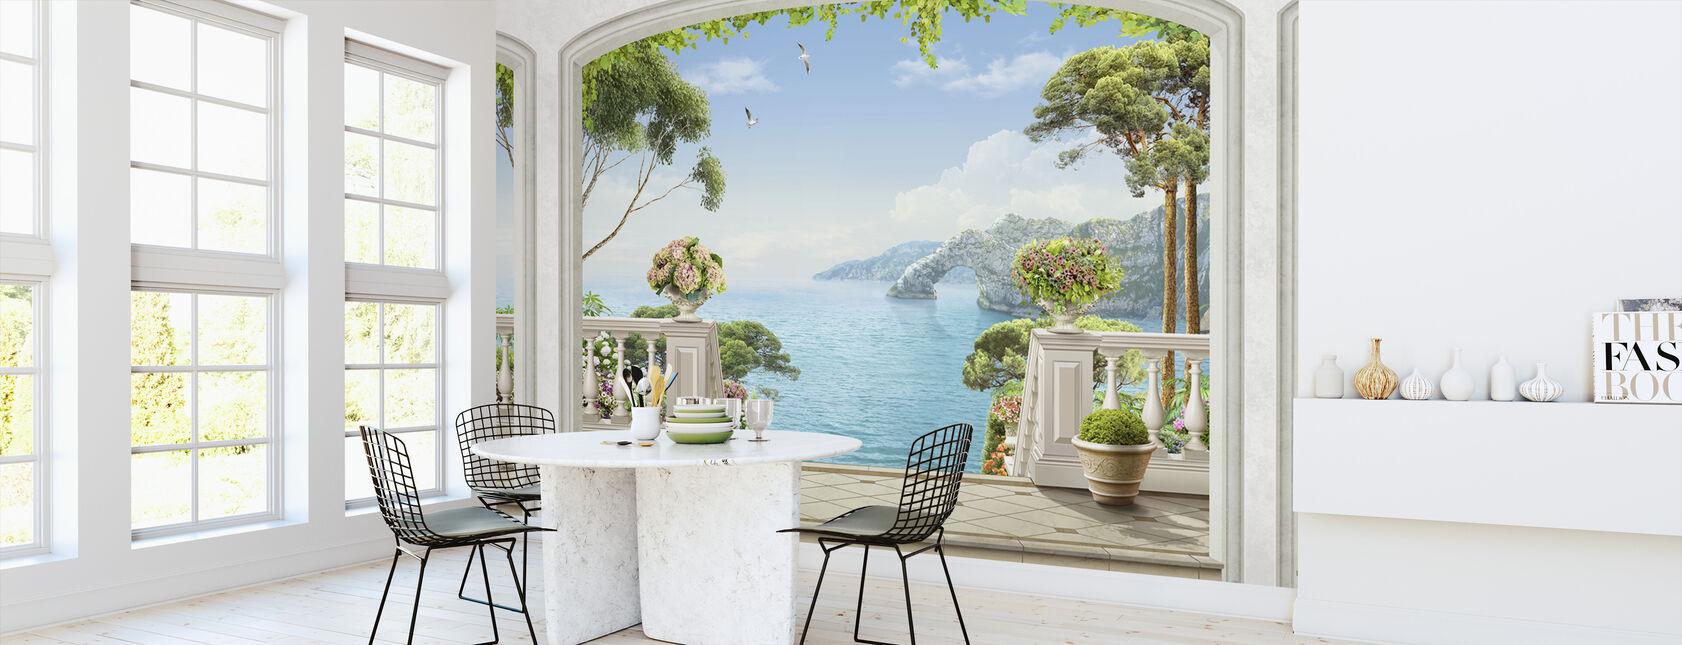 Terrace Sea View - Wallpaper - Kitchen